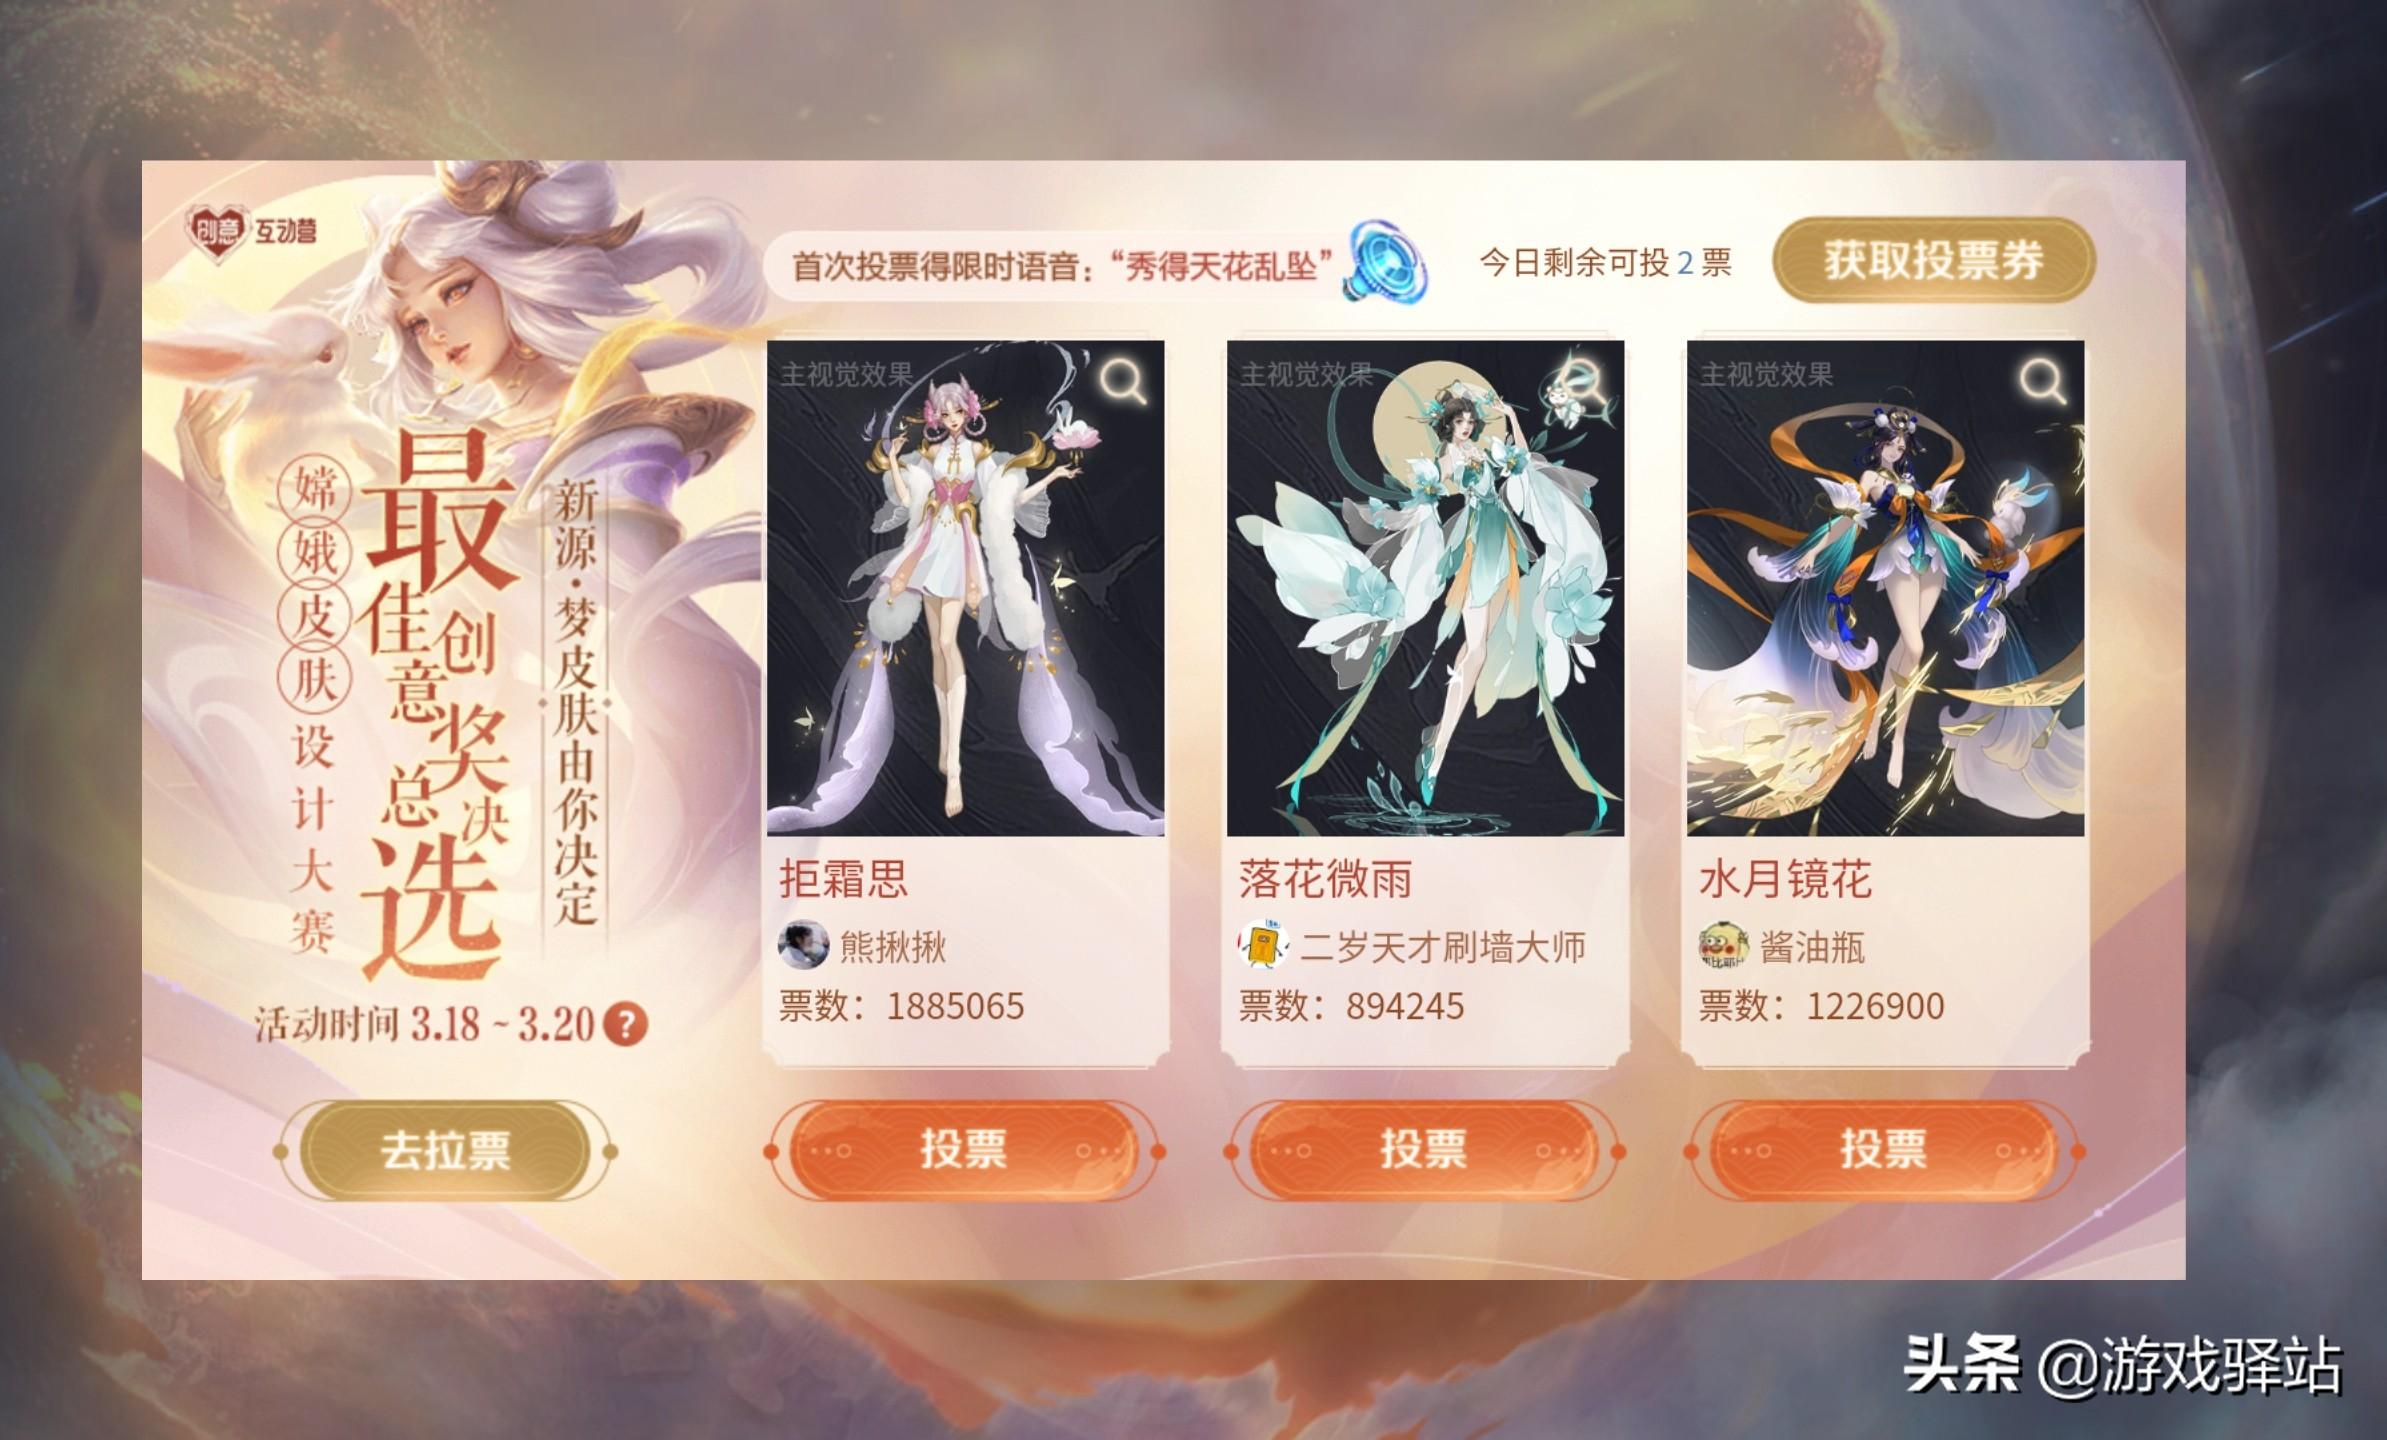 """王者荣耀:源梦终极票选启动,""""天秀""""语音开放领取,落花排第三"""